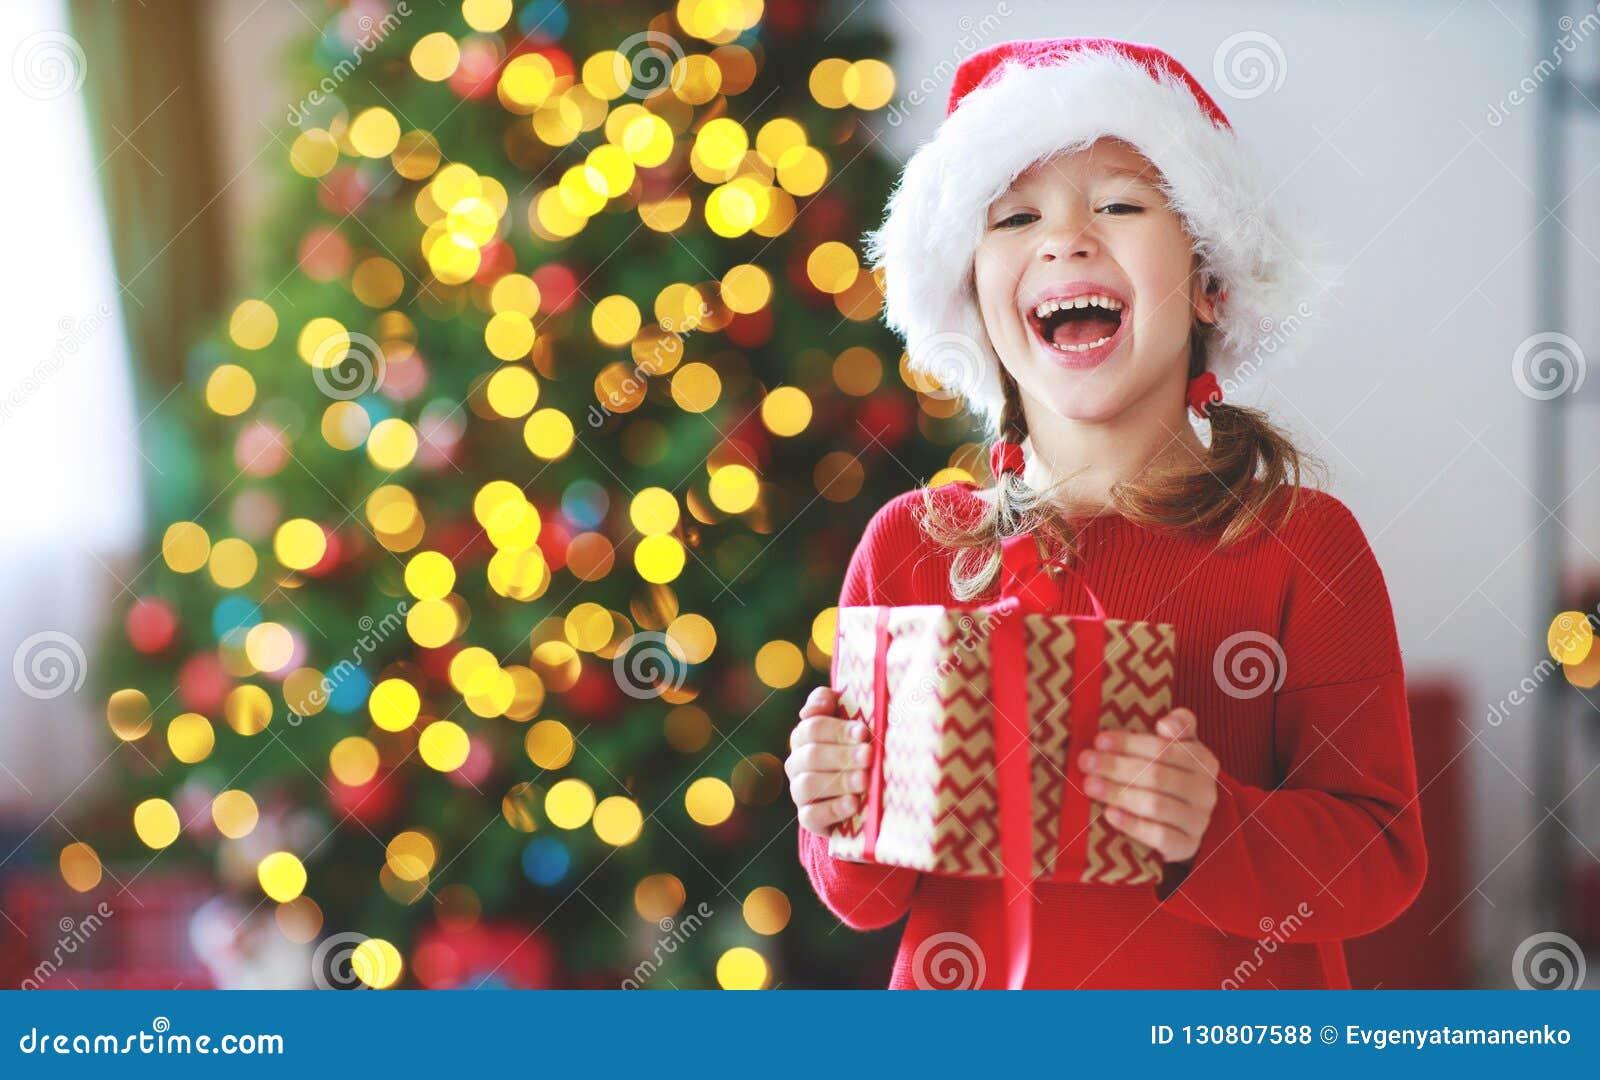 Regali Di Natale Ragazza.Ragazza Felice Del Bambino Con I Regali Di Natale Vicino All Albero